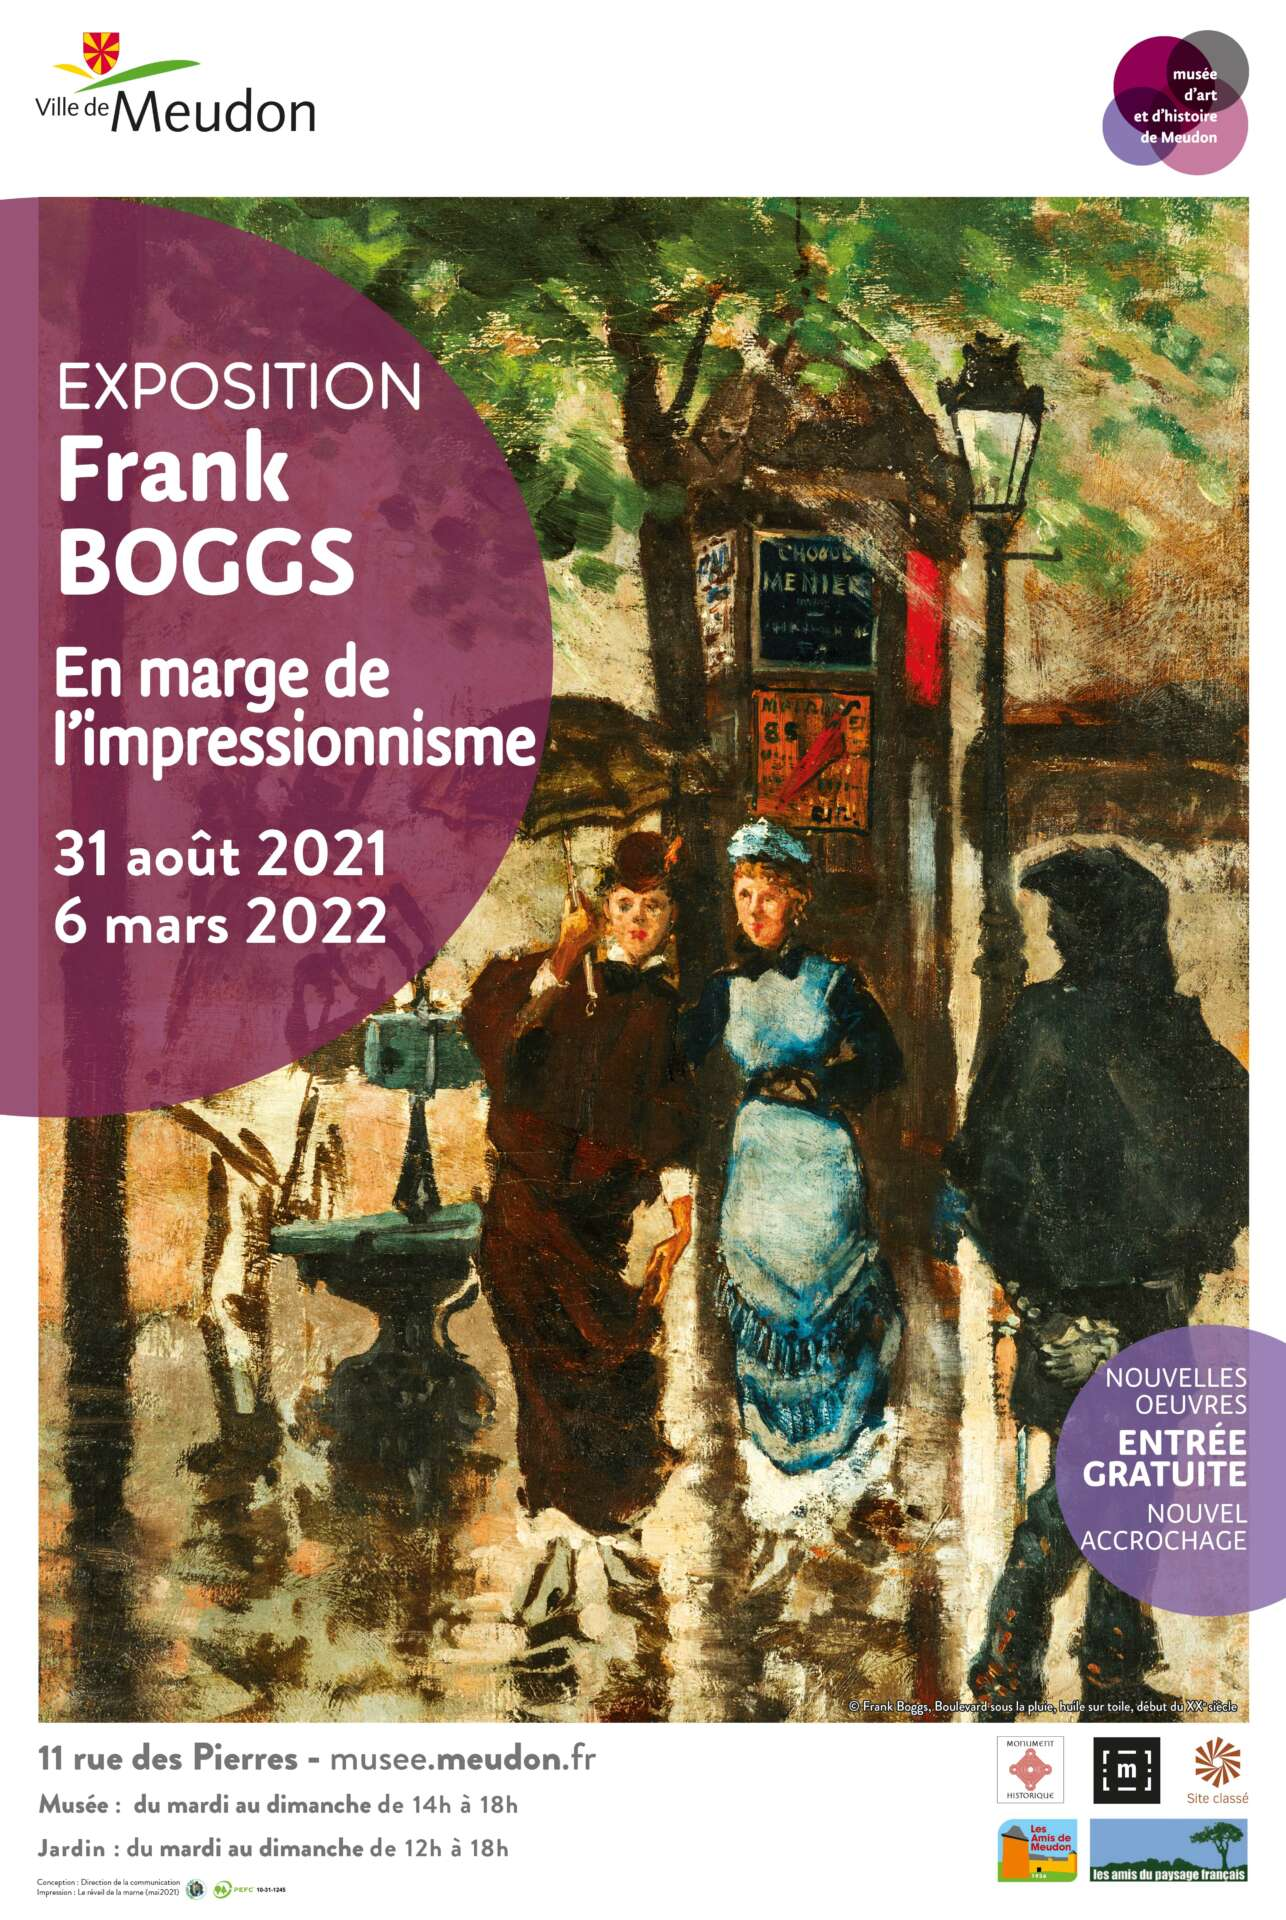 Frank Boggs au Musée de Meudon